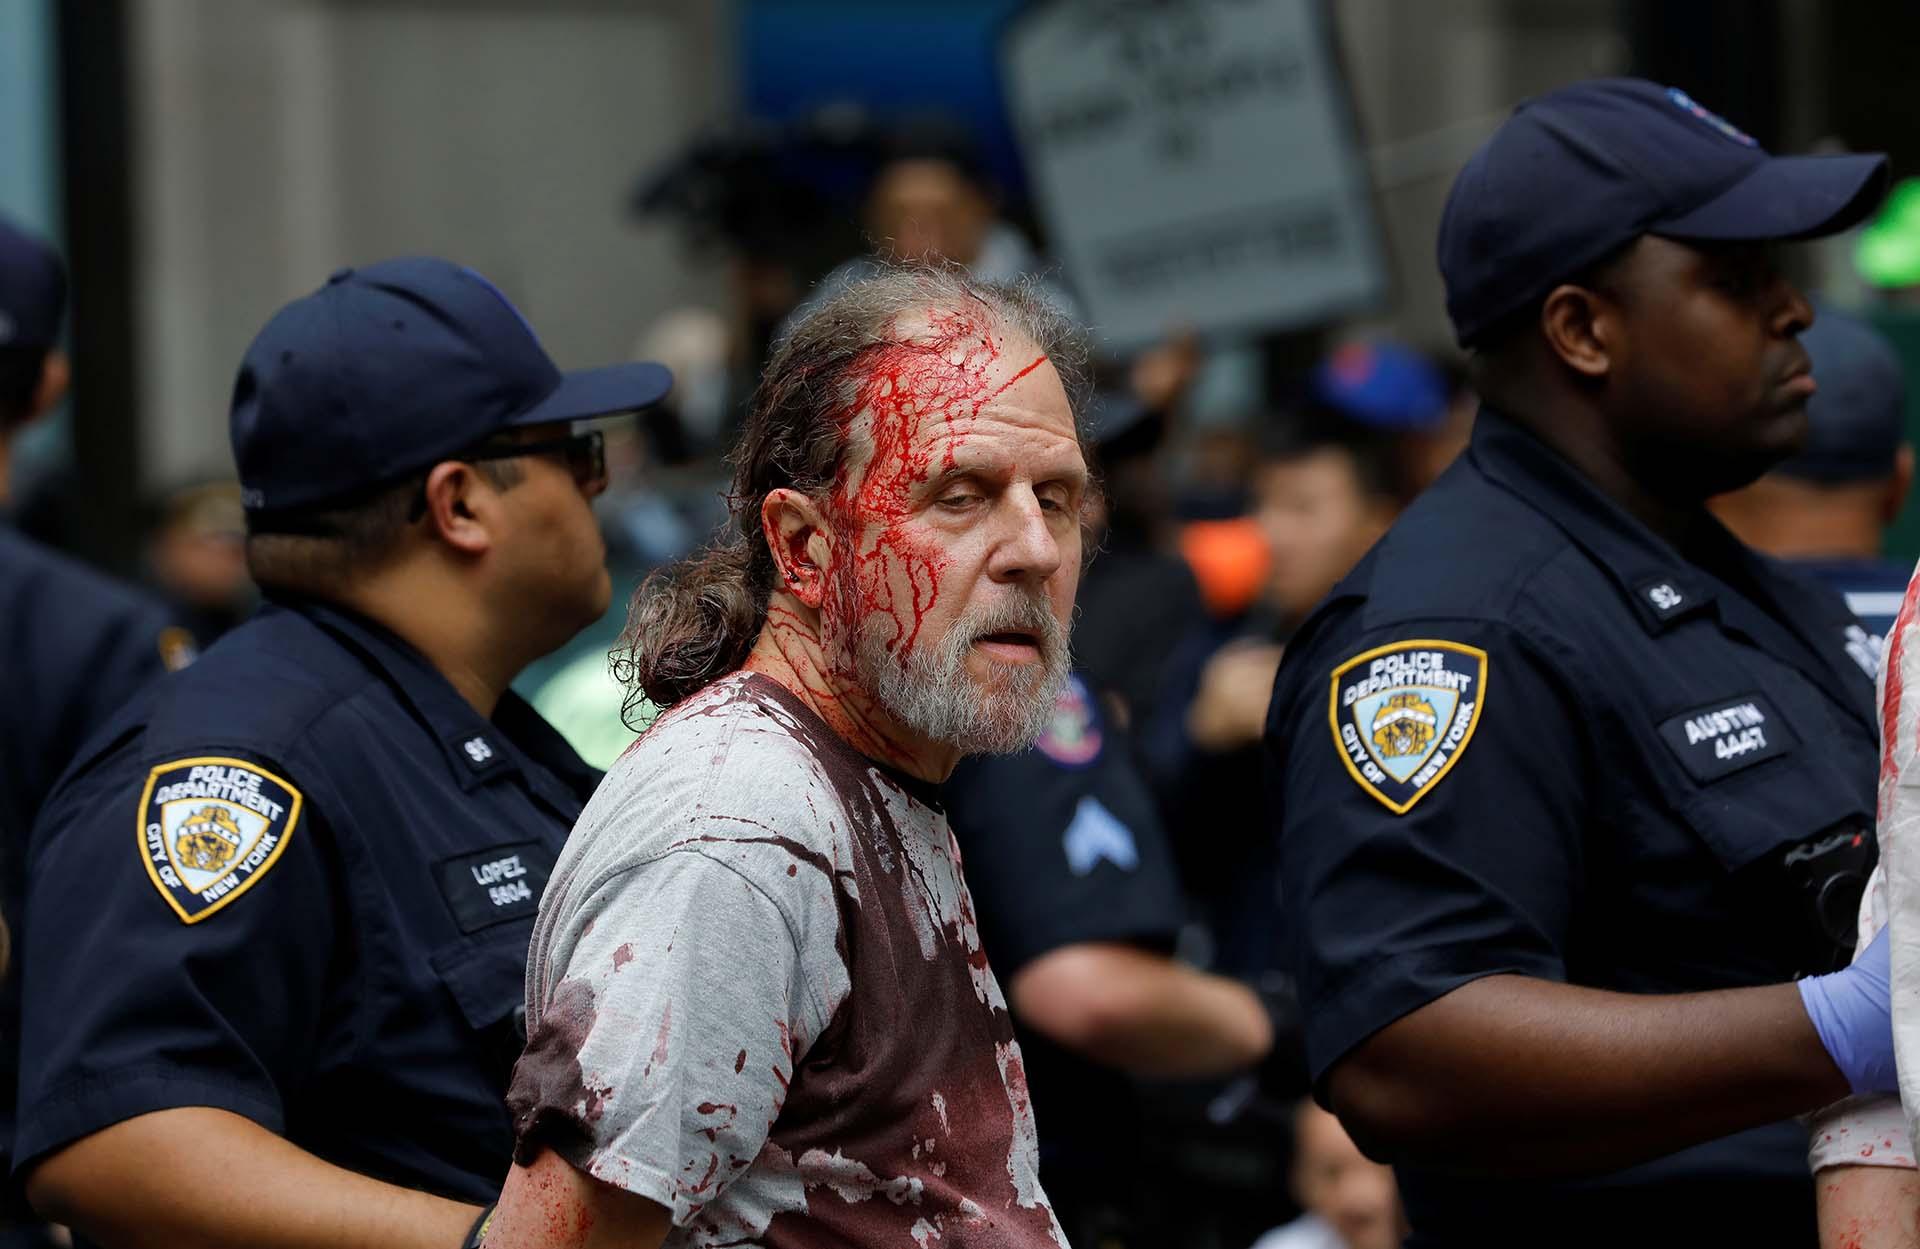 La policía detiene a un activista climático durante las protestas de la rebelión de extinción en el bajo Manhattan en la ciudad de Nueva York, Nueva York, EE. UU., 7 de octubre de 2019. REUTERS / Mike Segar